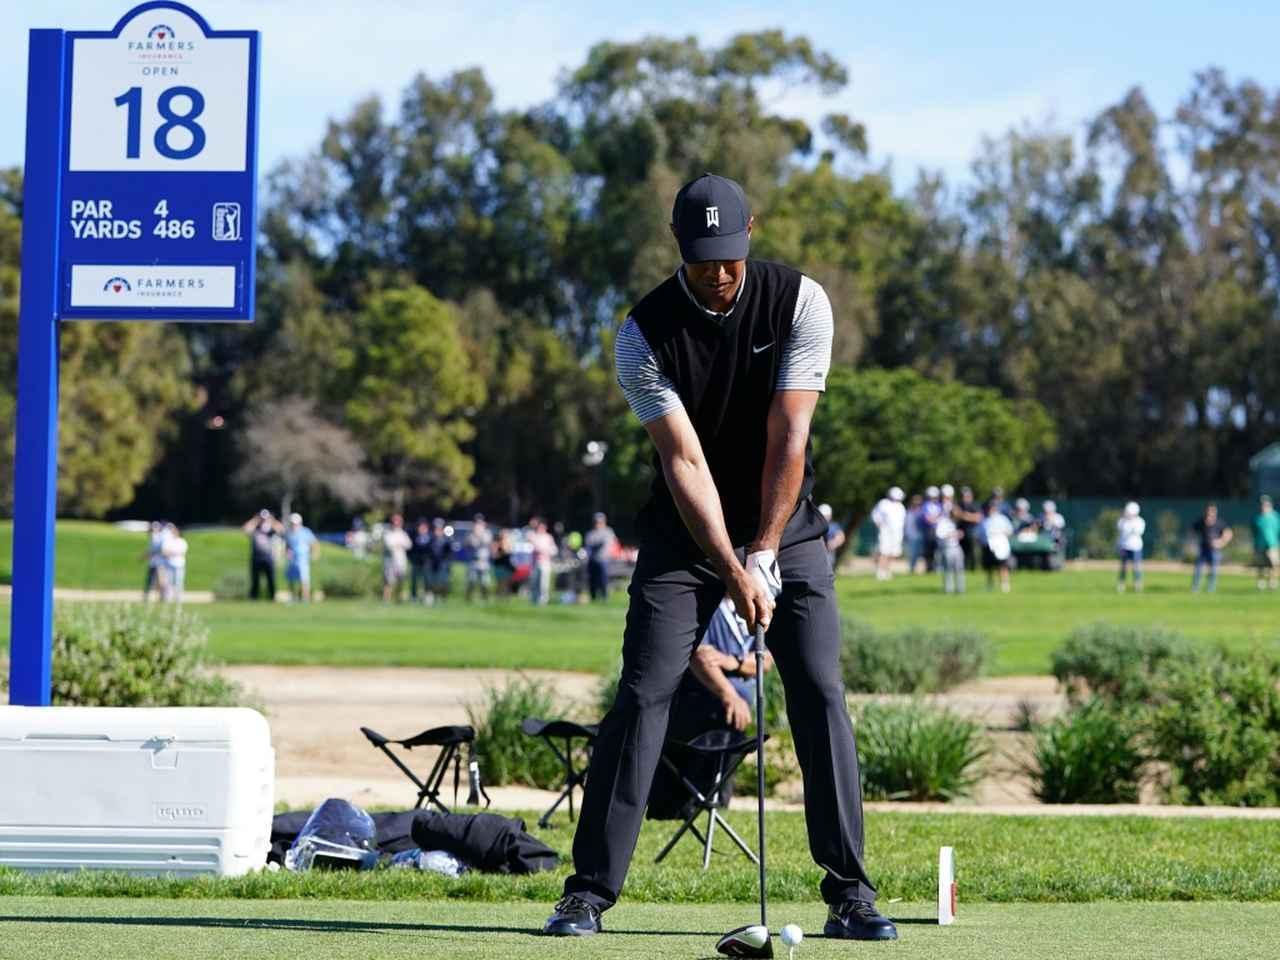 画像1: 【ギア研究】PGAツアートップ選手のレプリカドライバーを組んで打った。「運命のシャフトとヘッド」見つけ方